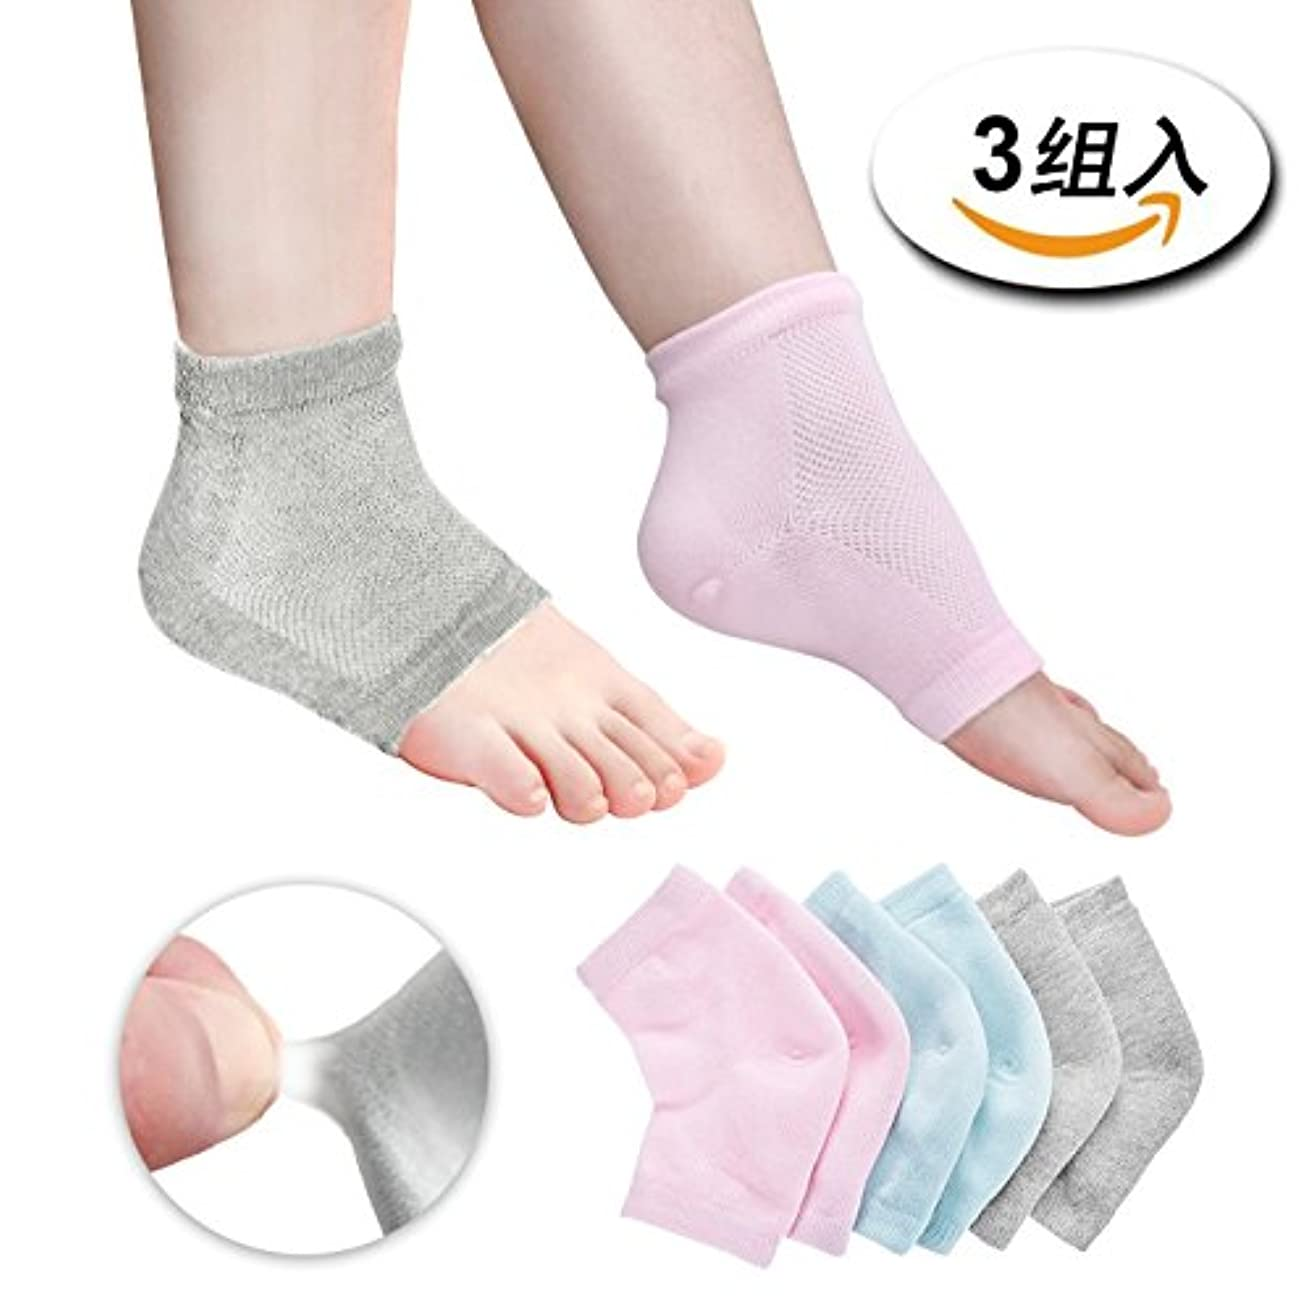 練習したボタンヘッドレスDreecy かかと 靴下 かかと ケア つるつる 靴下 [3足入] ソックス レディース メンズ かかと ひび割れ 靴下 角質 ケア 保湿 角質除去 足ケア かかと ツルツル ソックス すべすべ 靴下